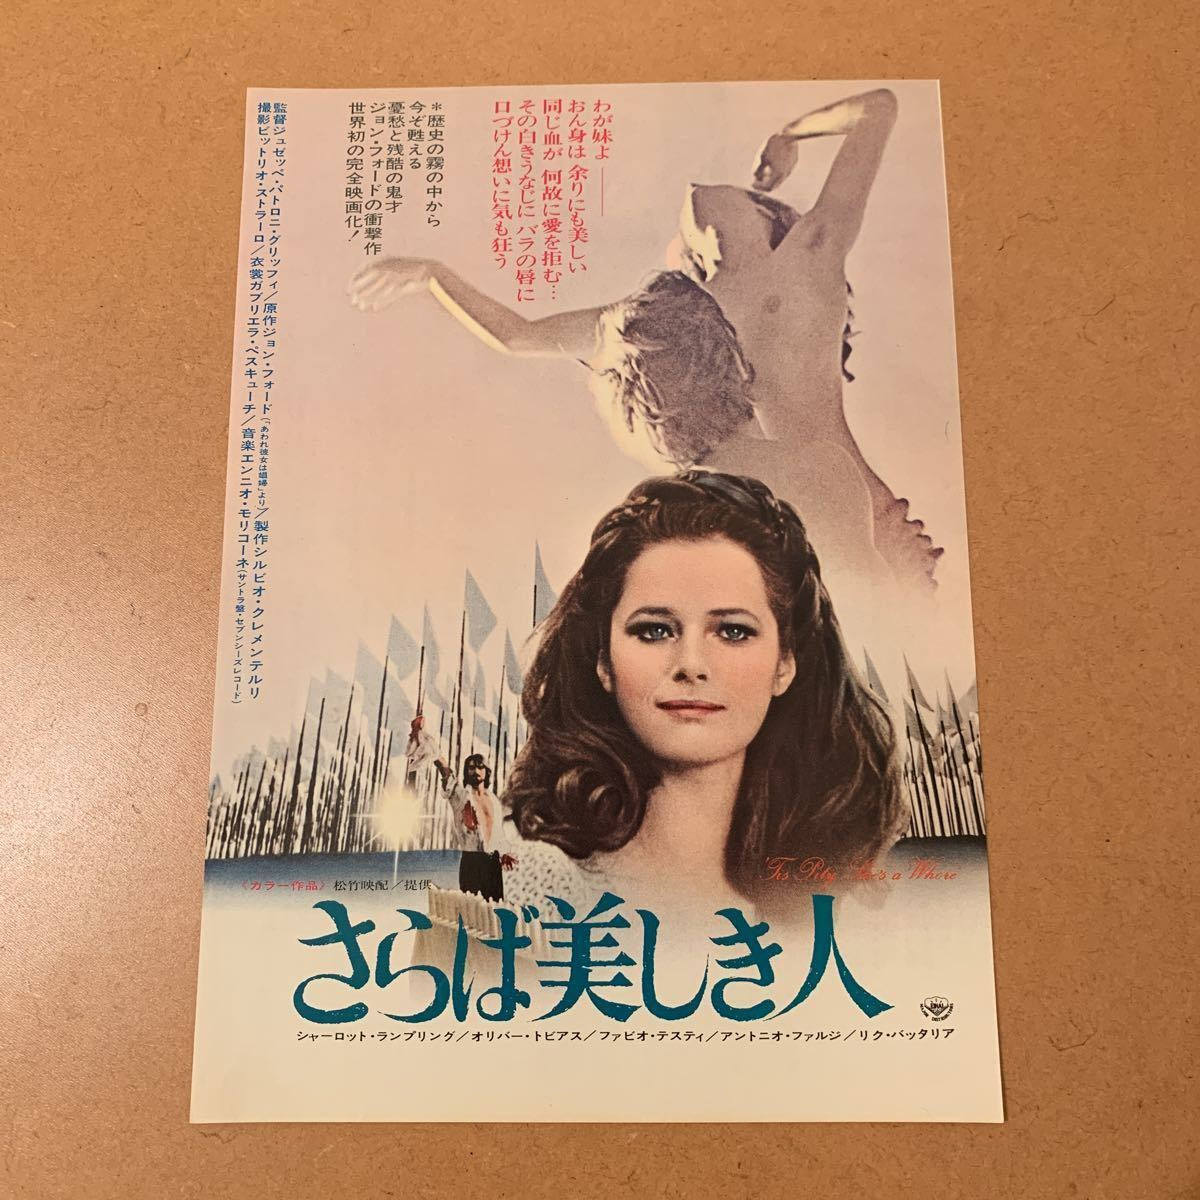 【映画チラシ】『さらば美しき人』1972年公開作品 主演:シャーロット・ランプリング